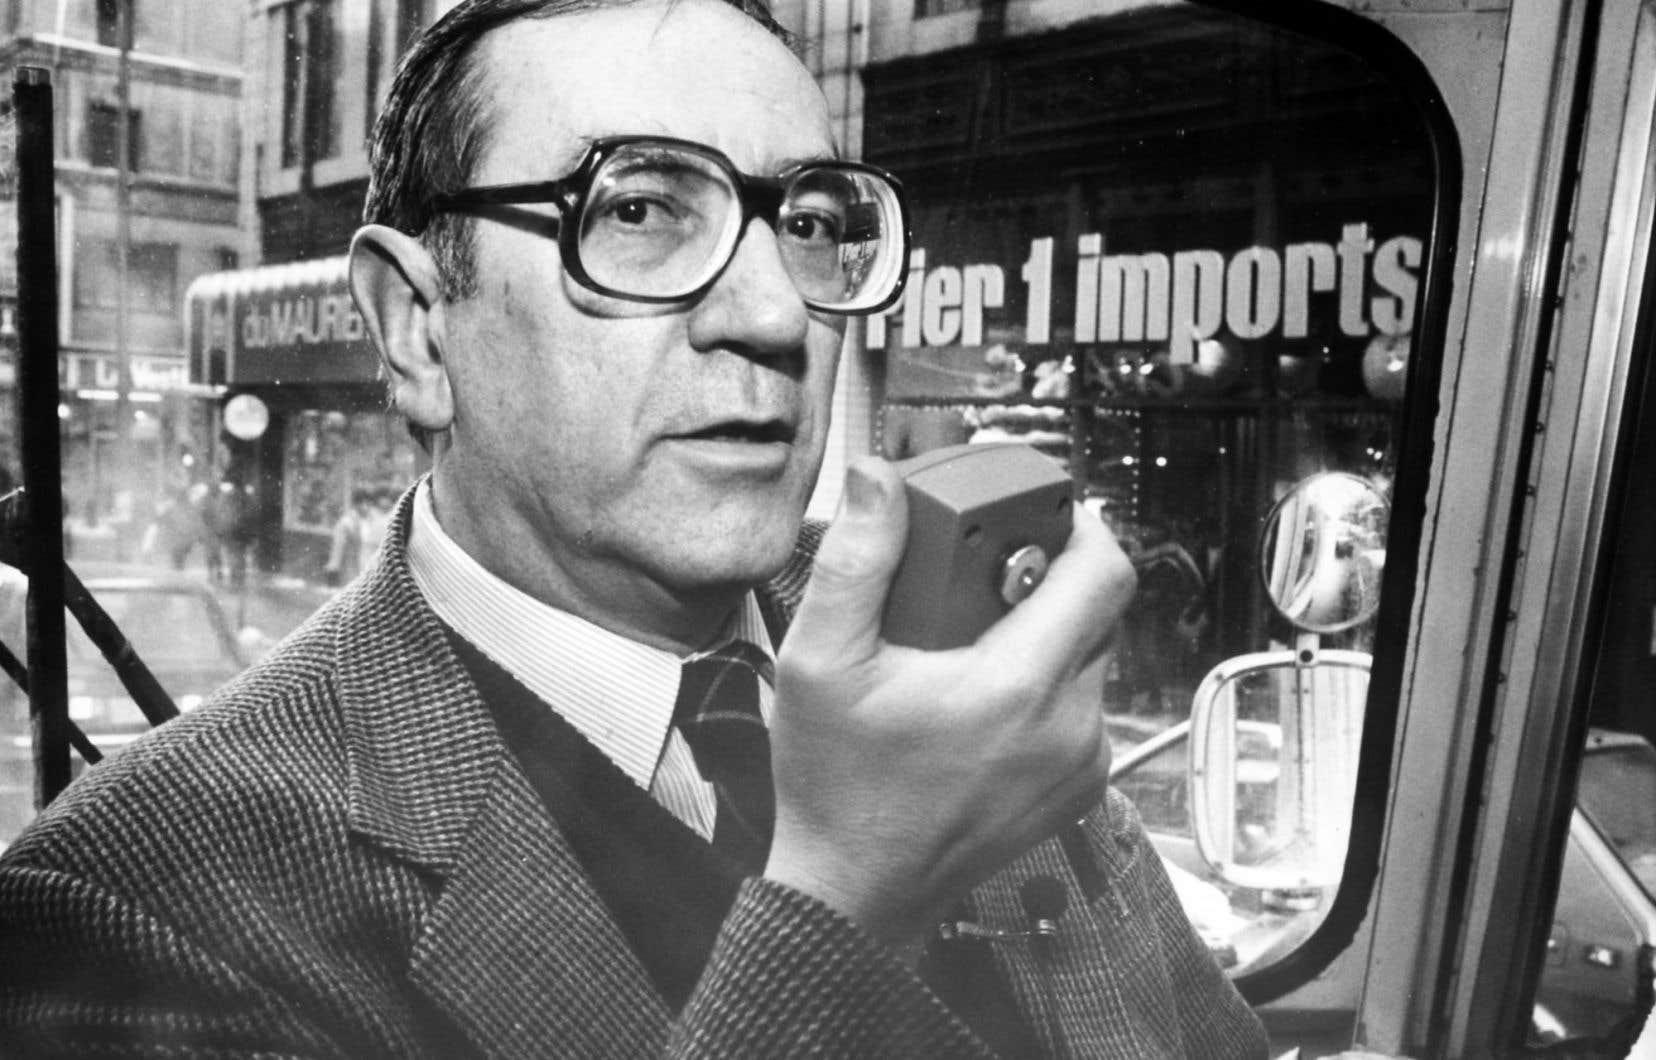 Les éditions de l'Hexagone, l'un des plus beaux fleurons de notre héritage littéraire, ont été fondées il y a plus de 60 ans par des souverainistes de la première heure comme Gaston Miron.